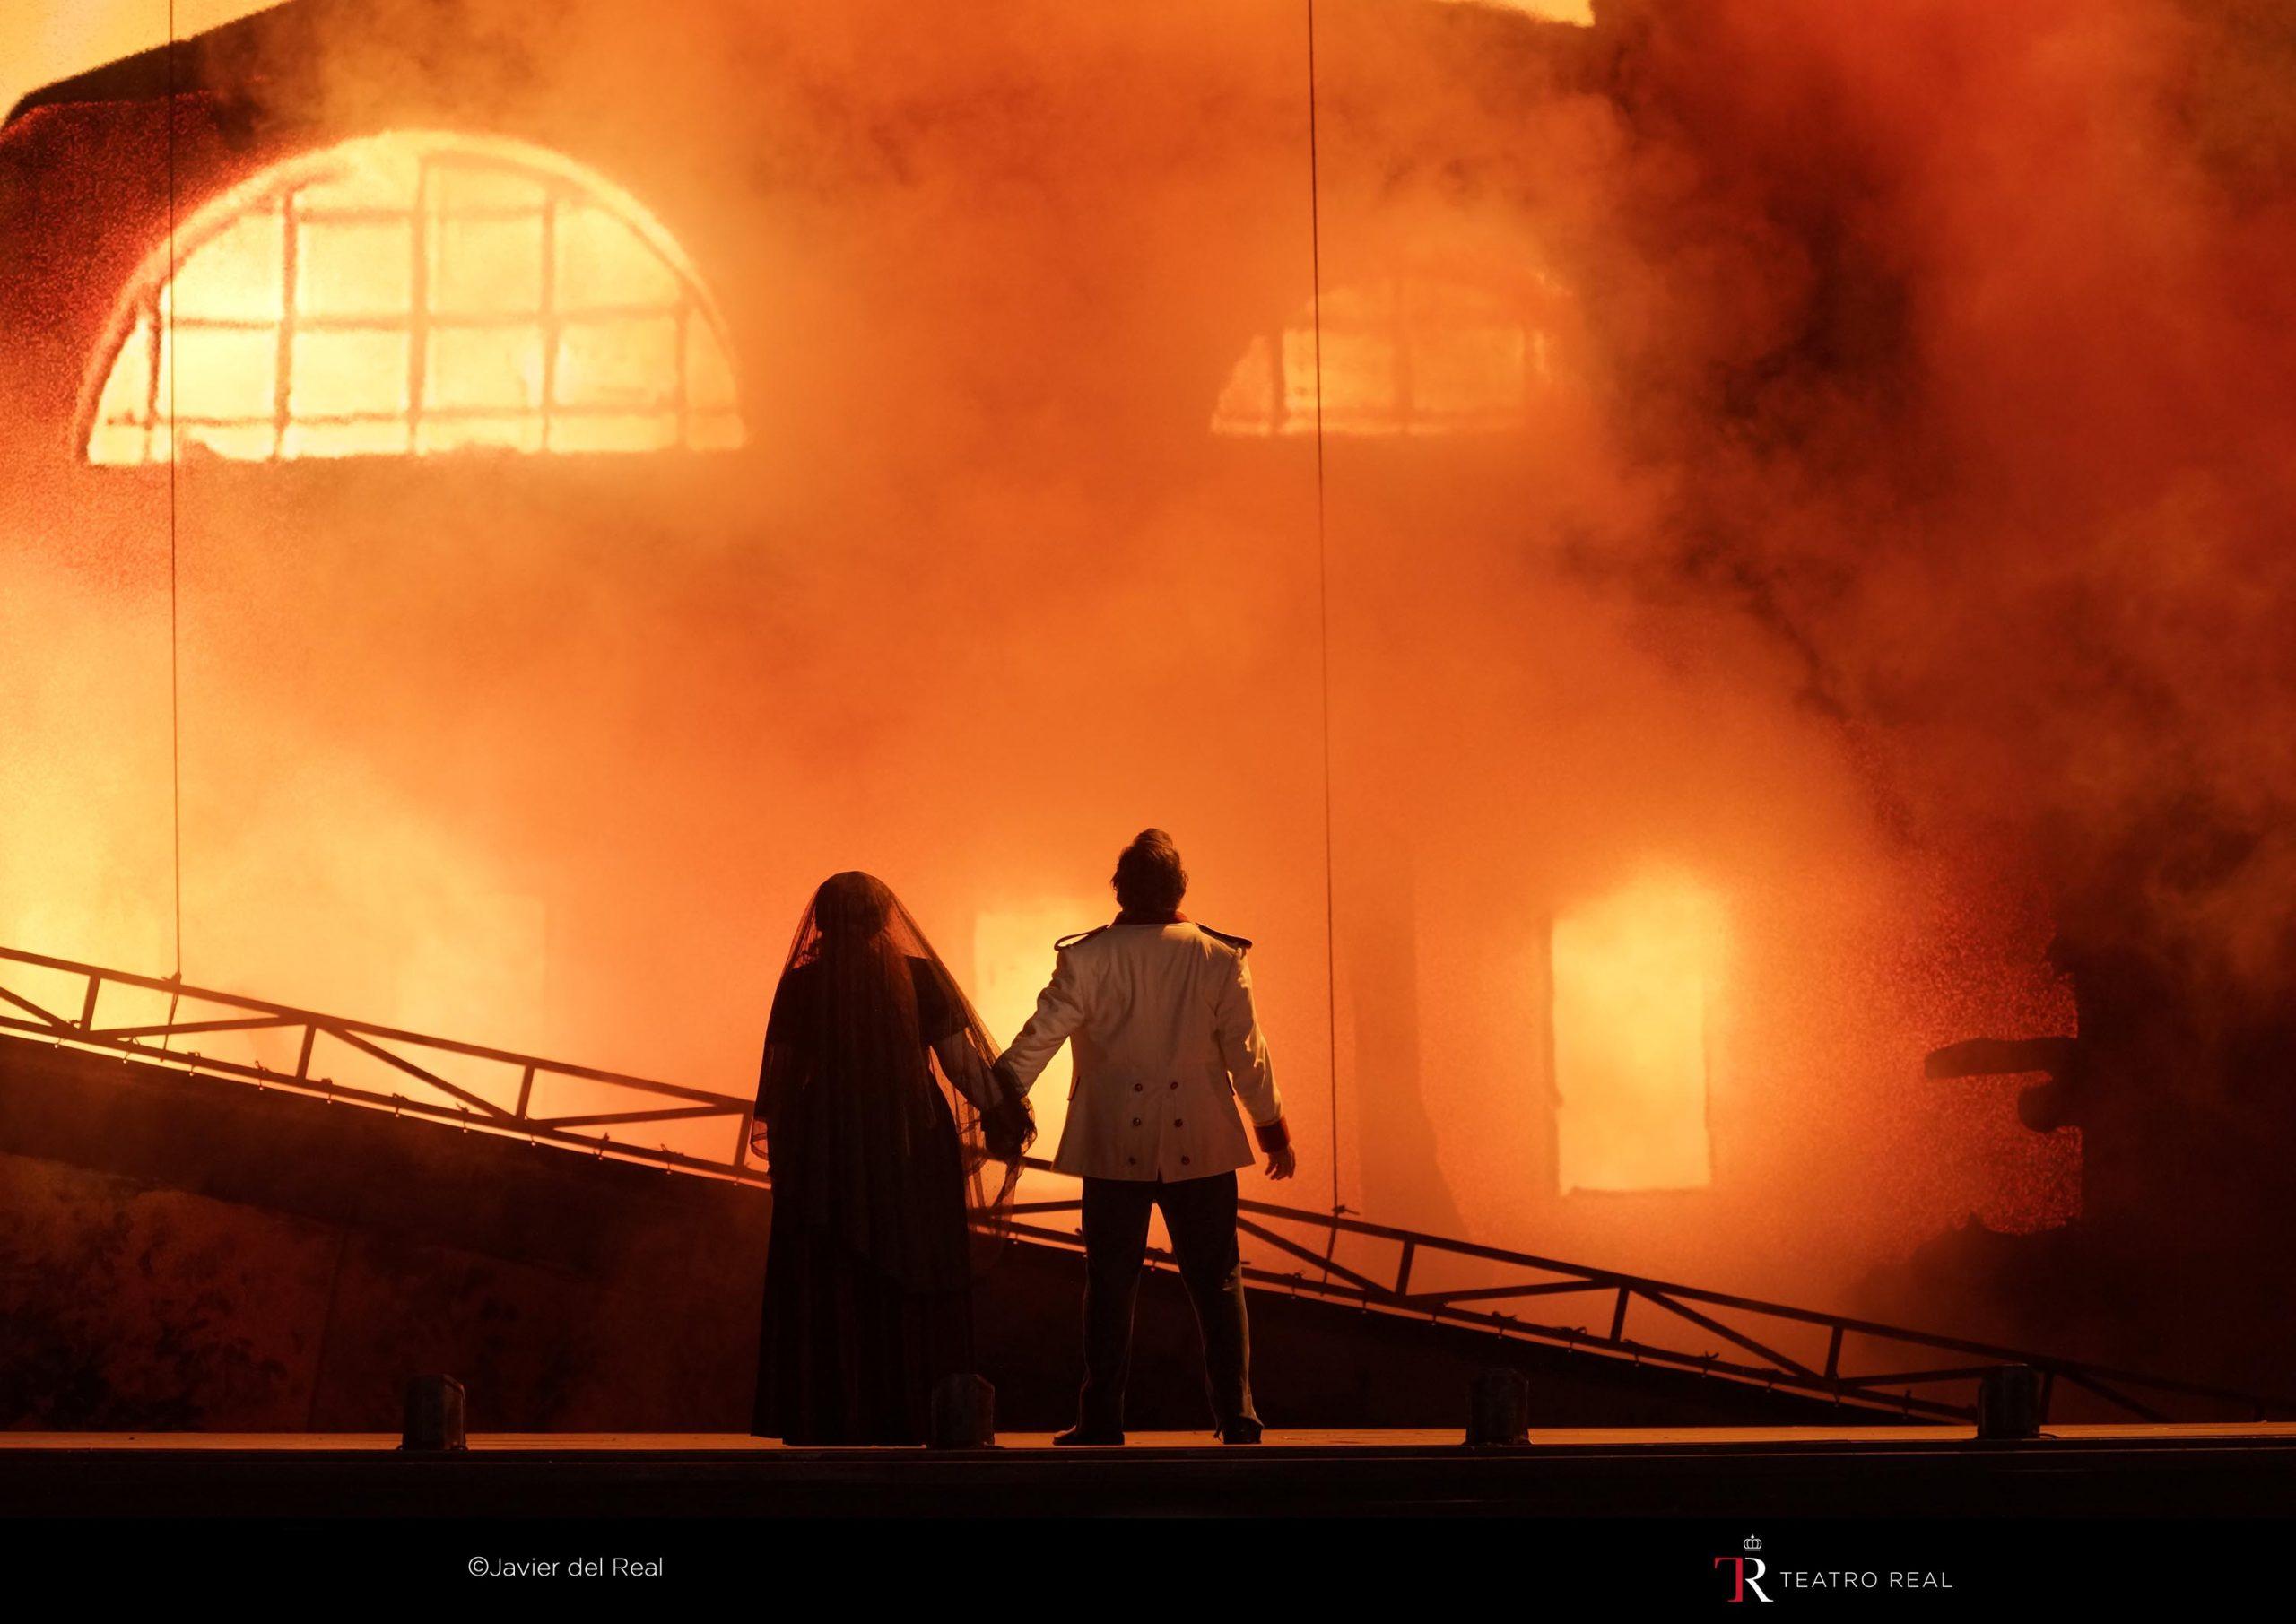 La 'Norma' de Bellini, esa tragedia romántica